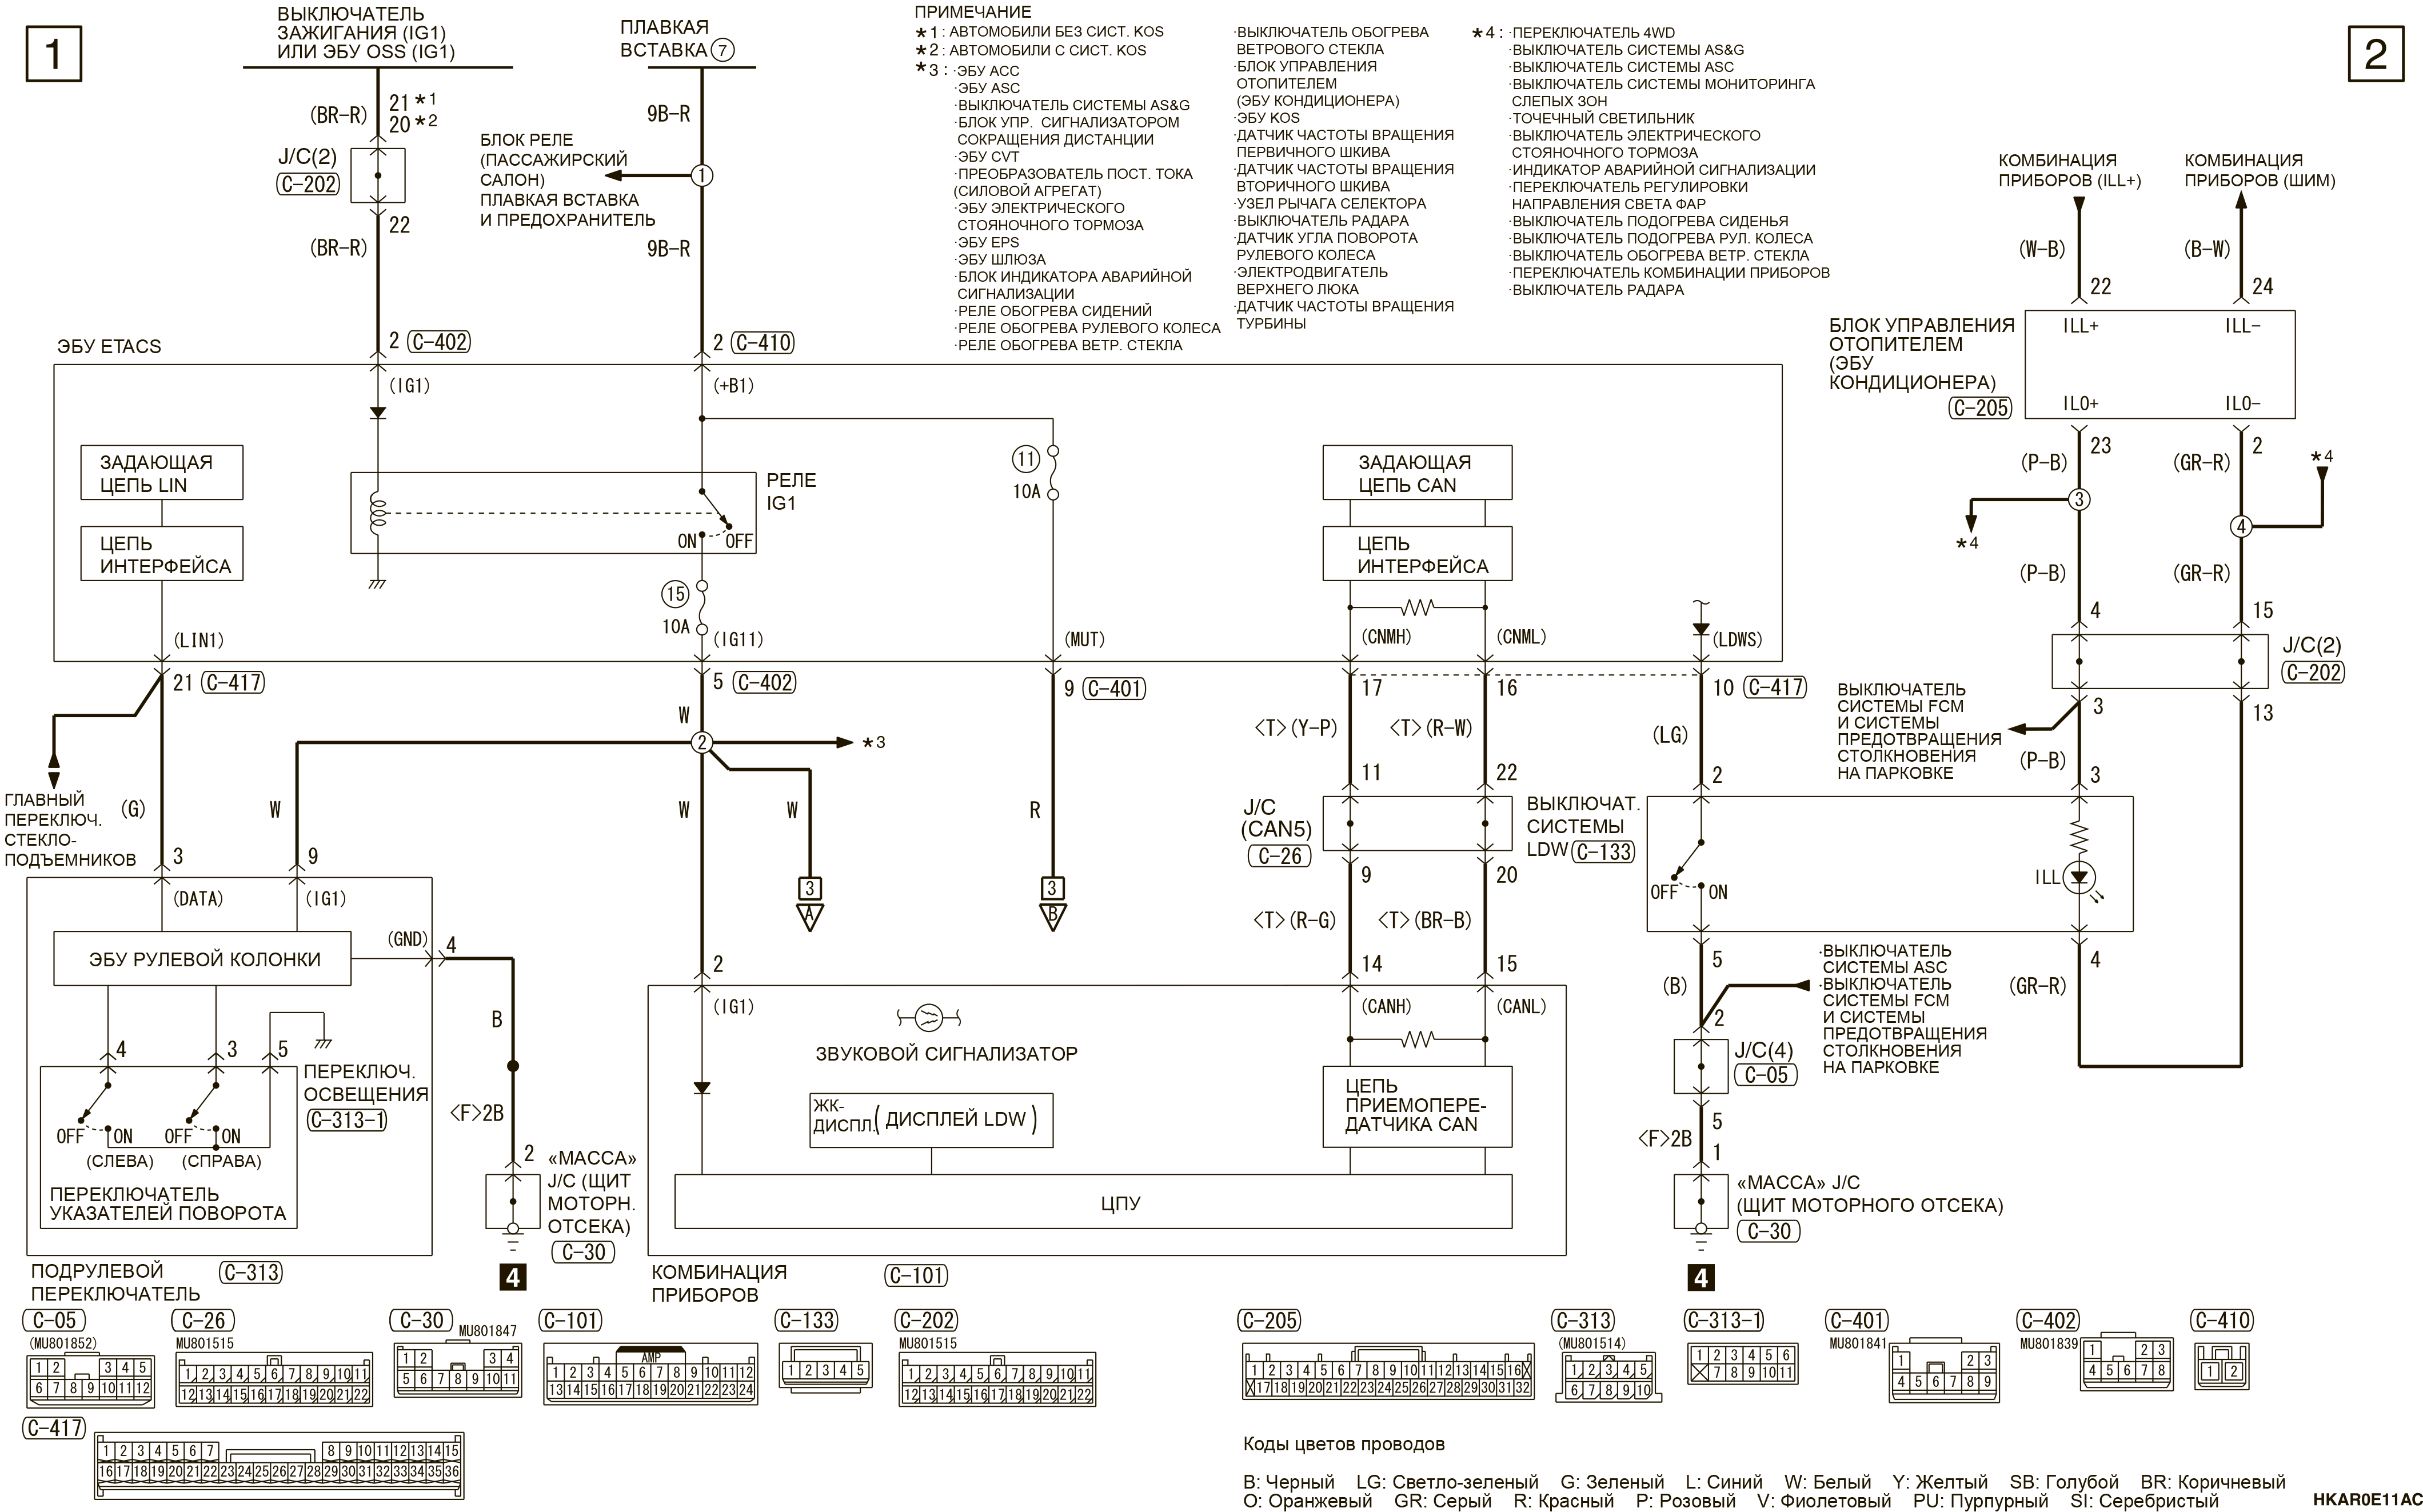 mmc аутлендер 3 2019 электросхемаСИСТЕМА СЛЕЖЕНИЯ ЗА ДОРОЖНОЙ РАЗМЕТКОЙ ЛЕВОСТОРОННЕЕ УПРАВЛЕНИЕ